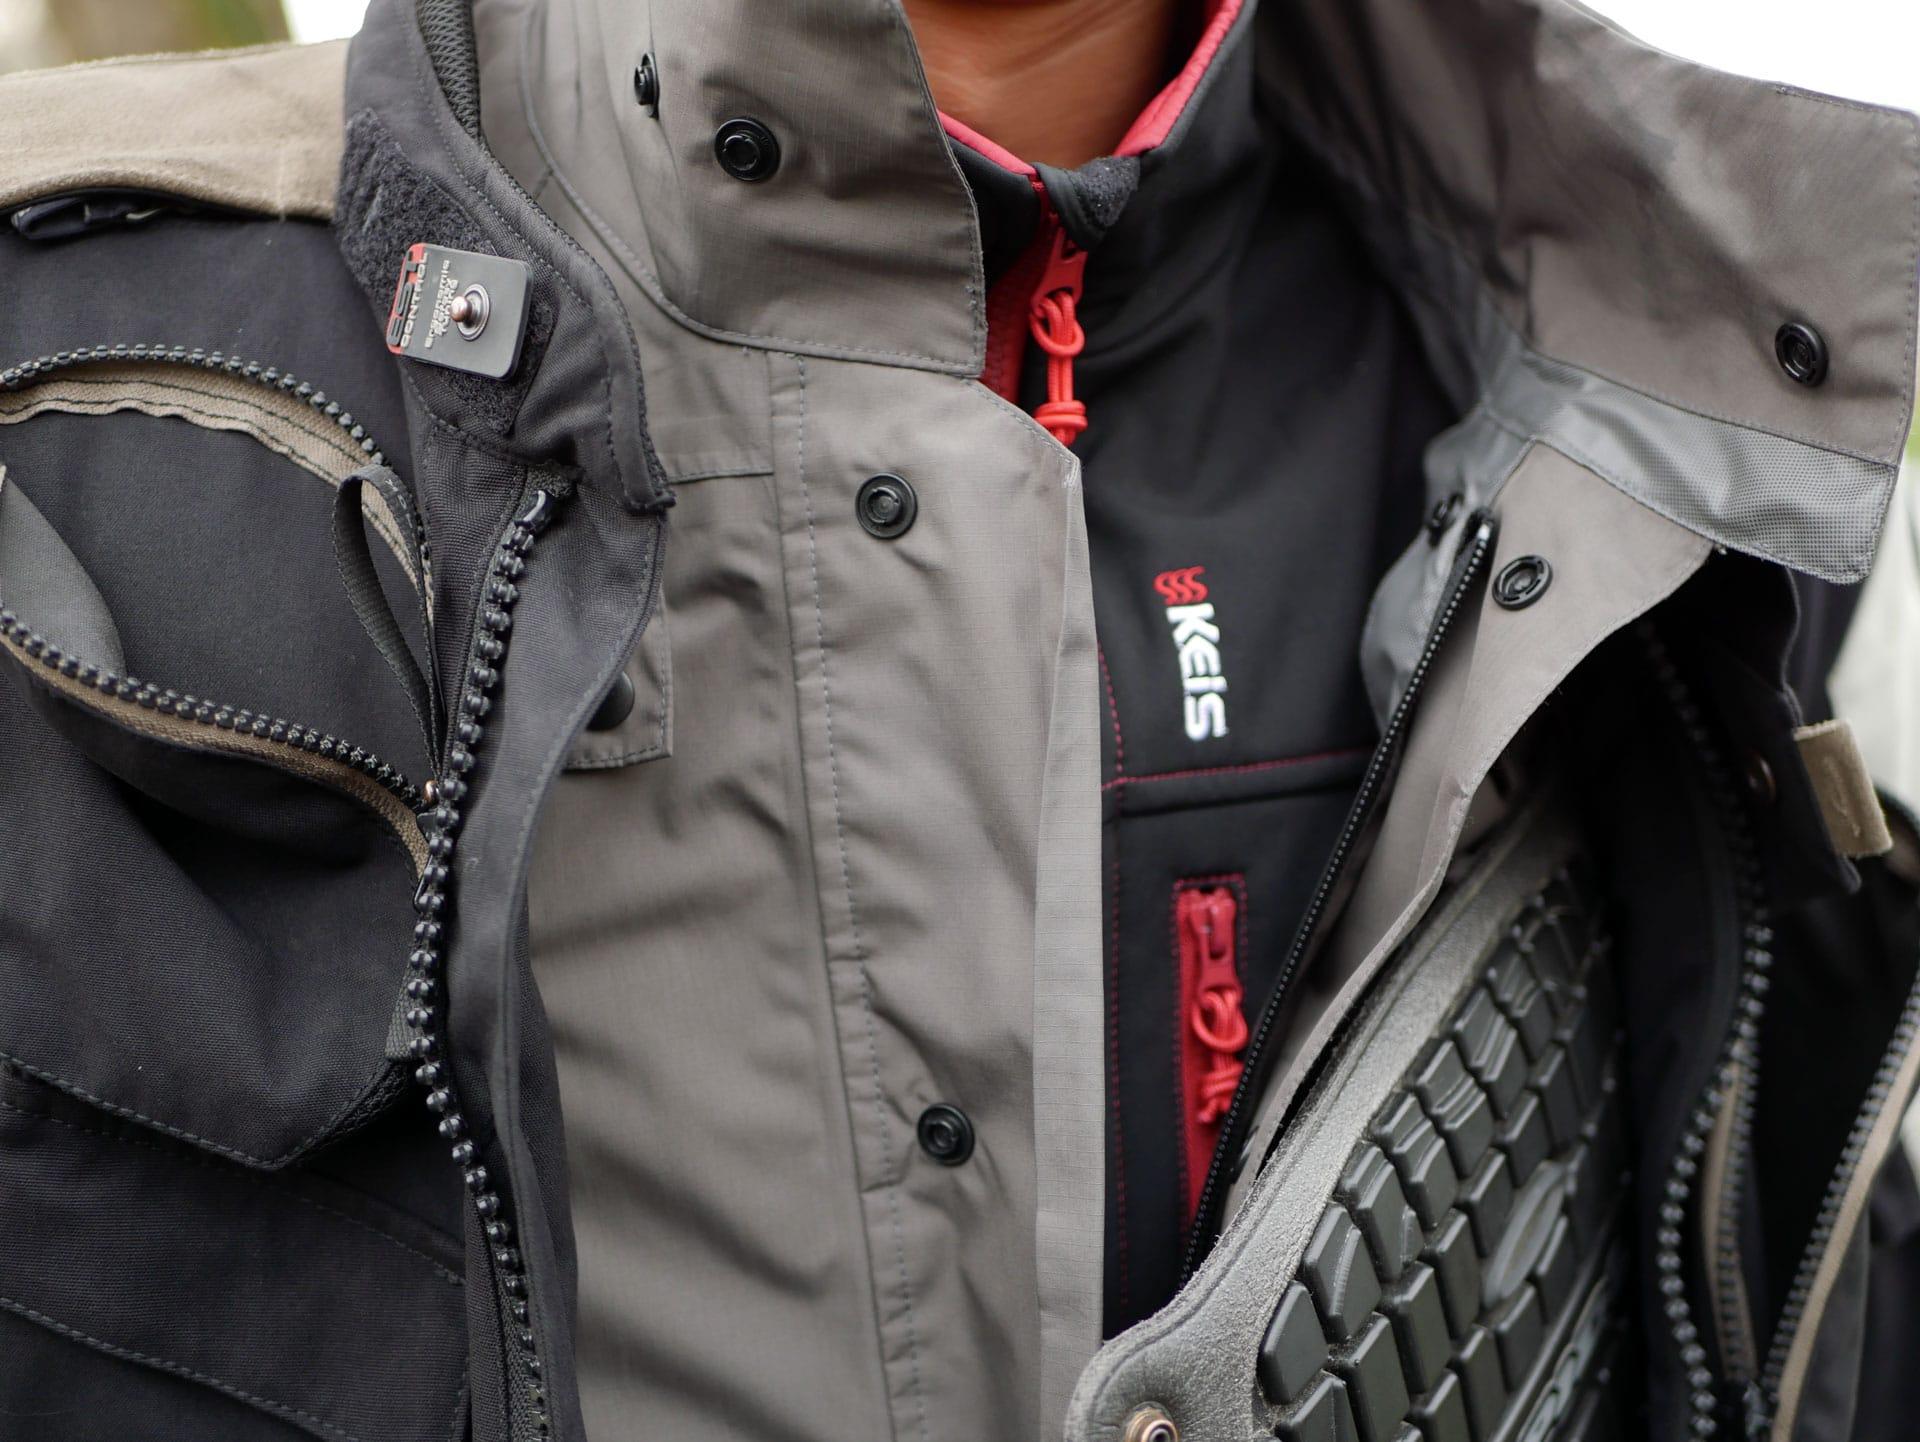 Test de la veste chauffante Keis J501 : le froid au passé